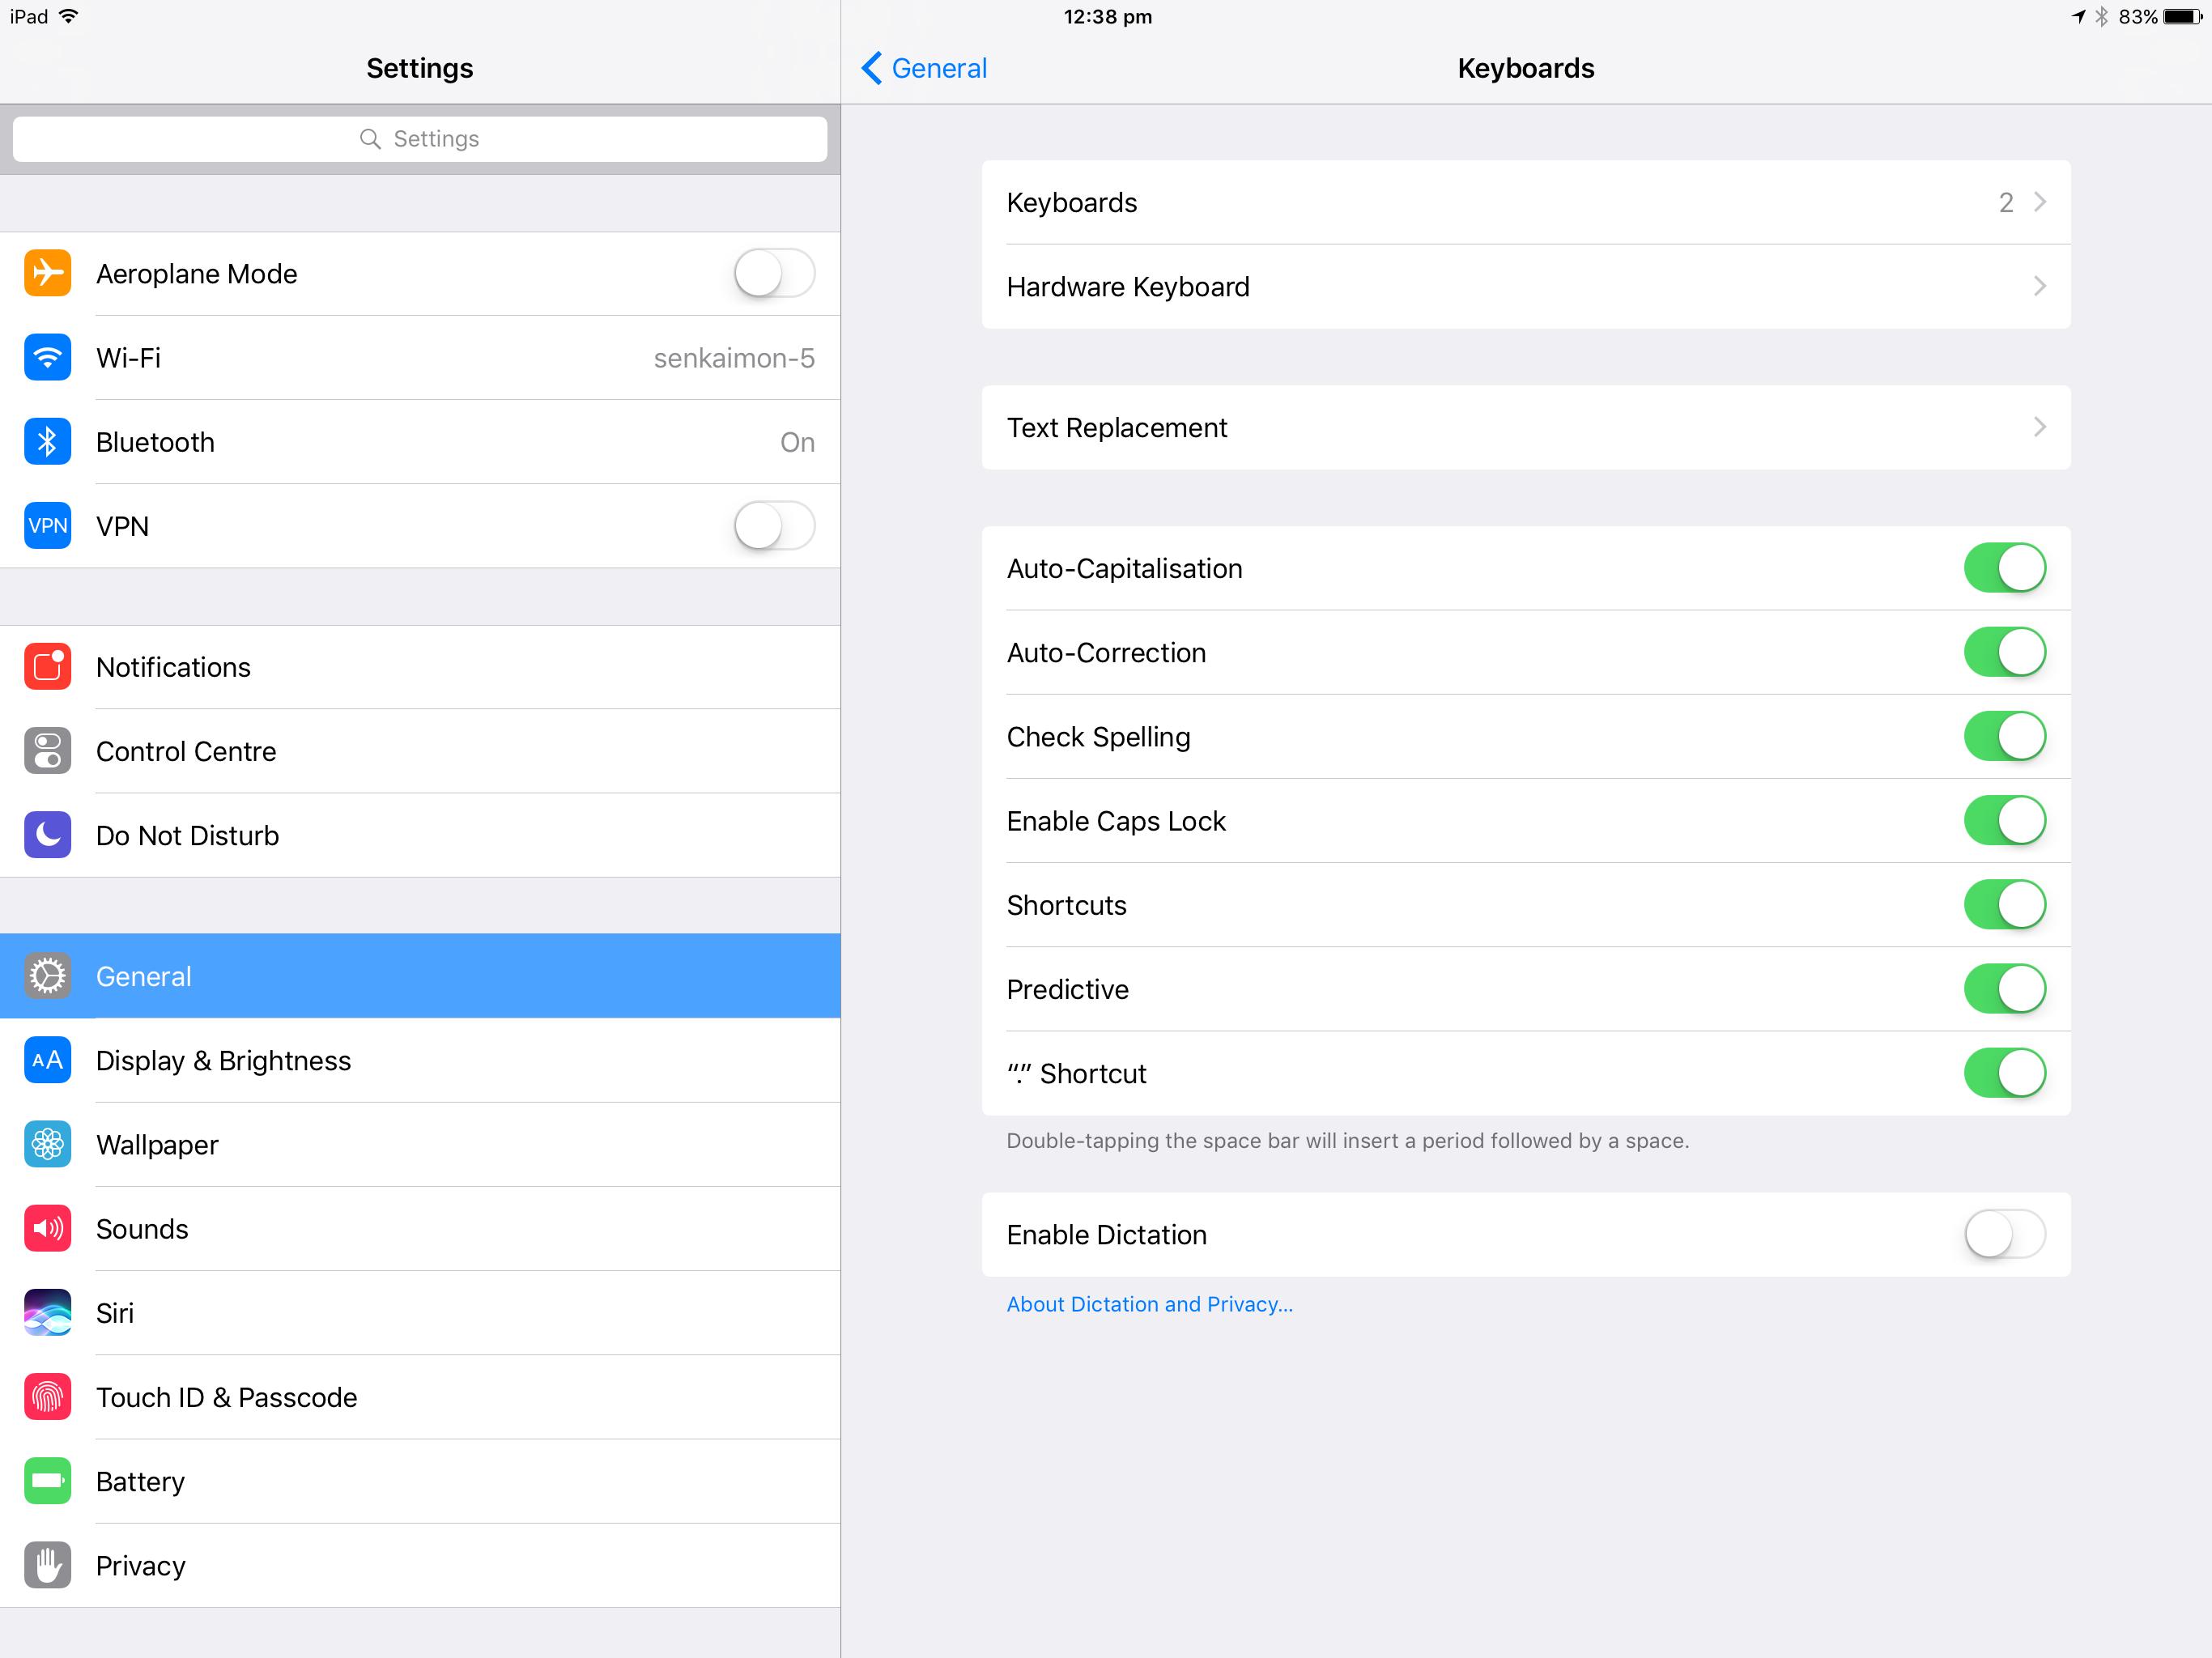 Scrivener for iOS Spellchecker Language | Robert Batten